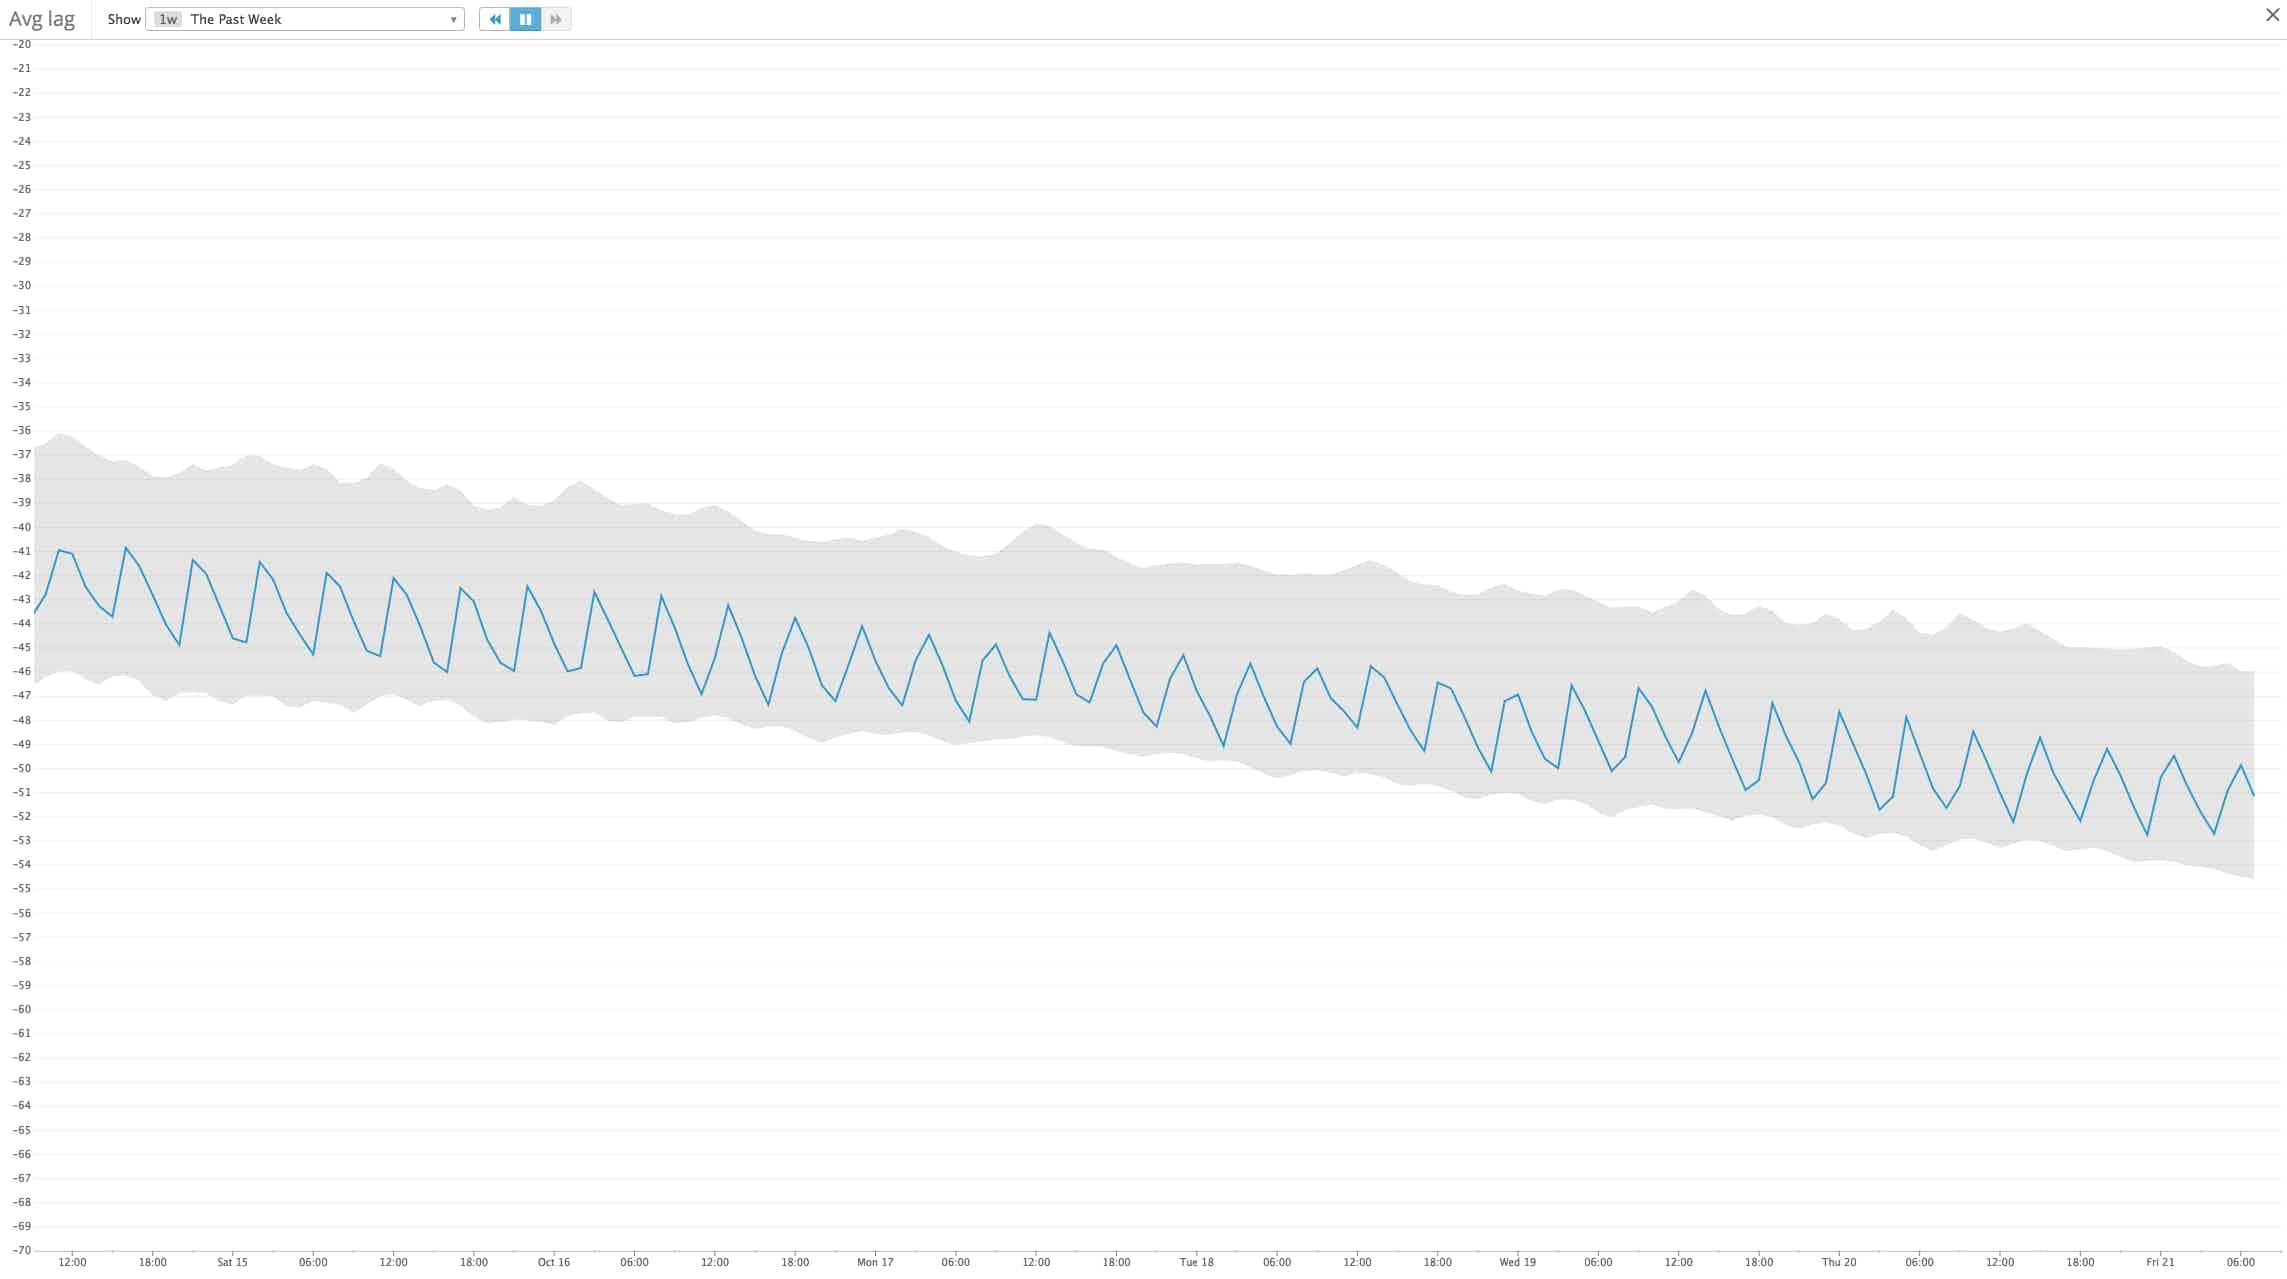 Metric steadily decreasing